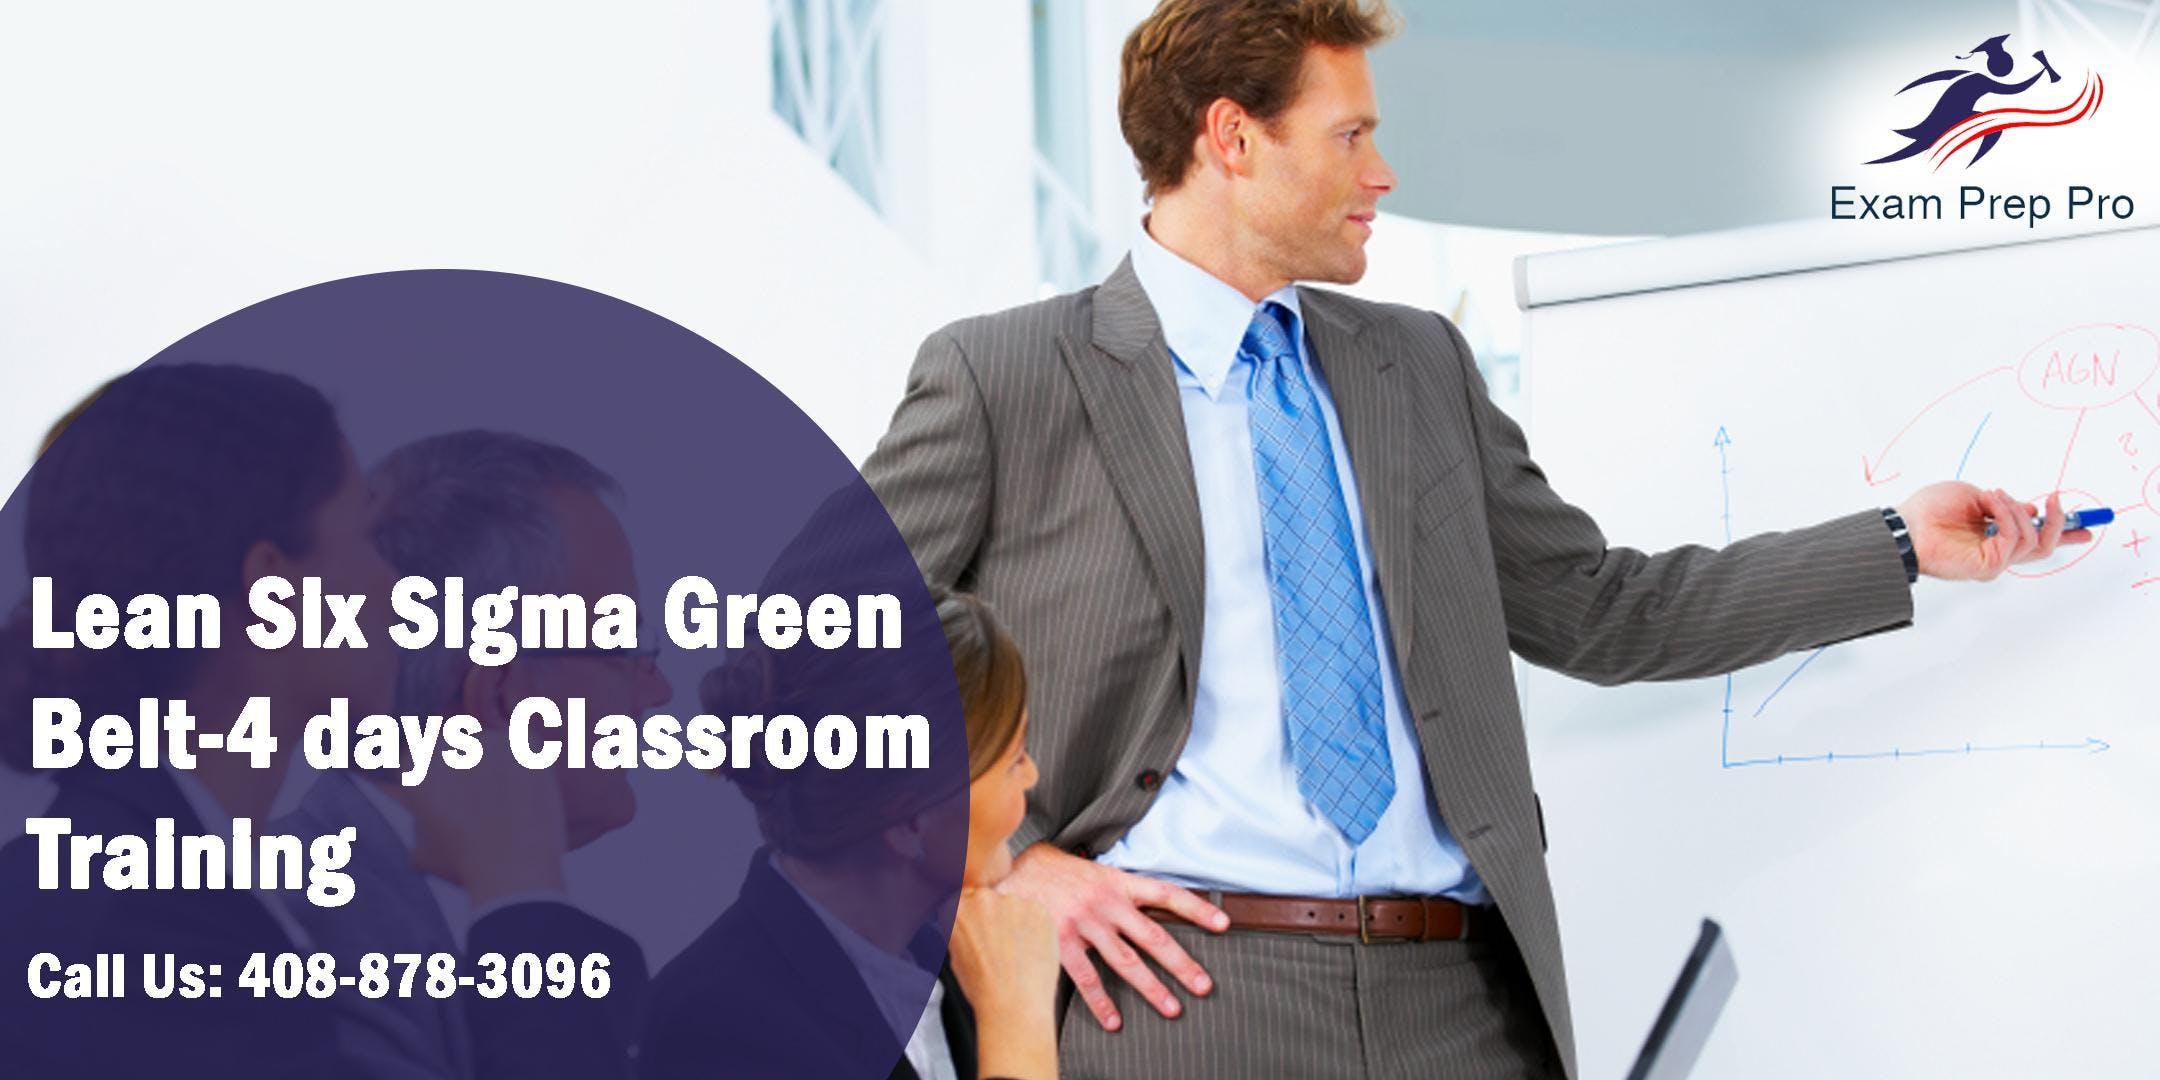 Lean Six Sigma Green Belt(LSSGB)- 4 days Classroom Training, Phoenix, AZ